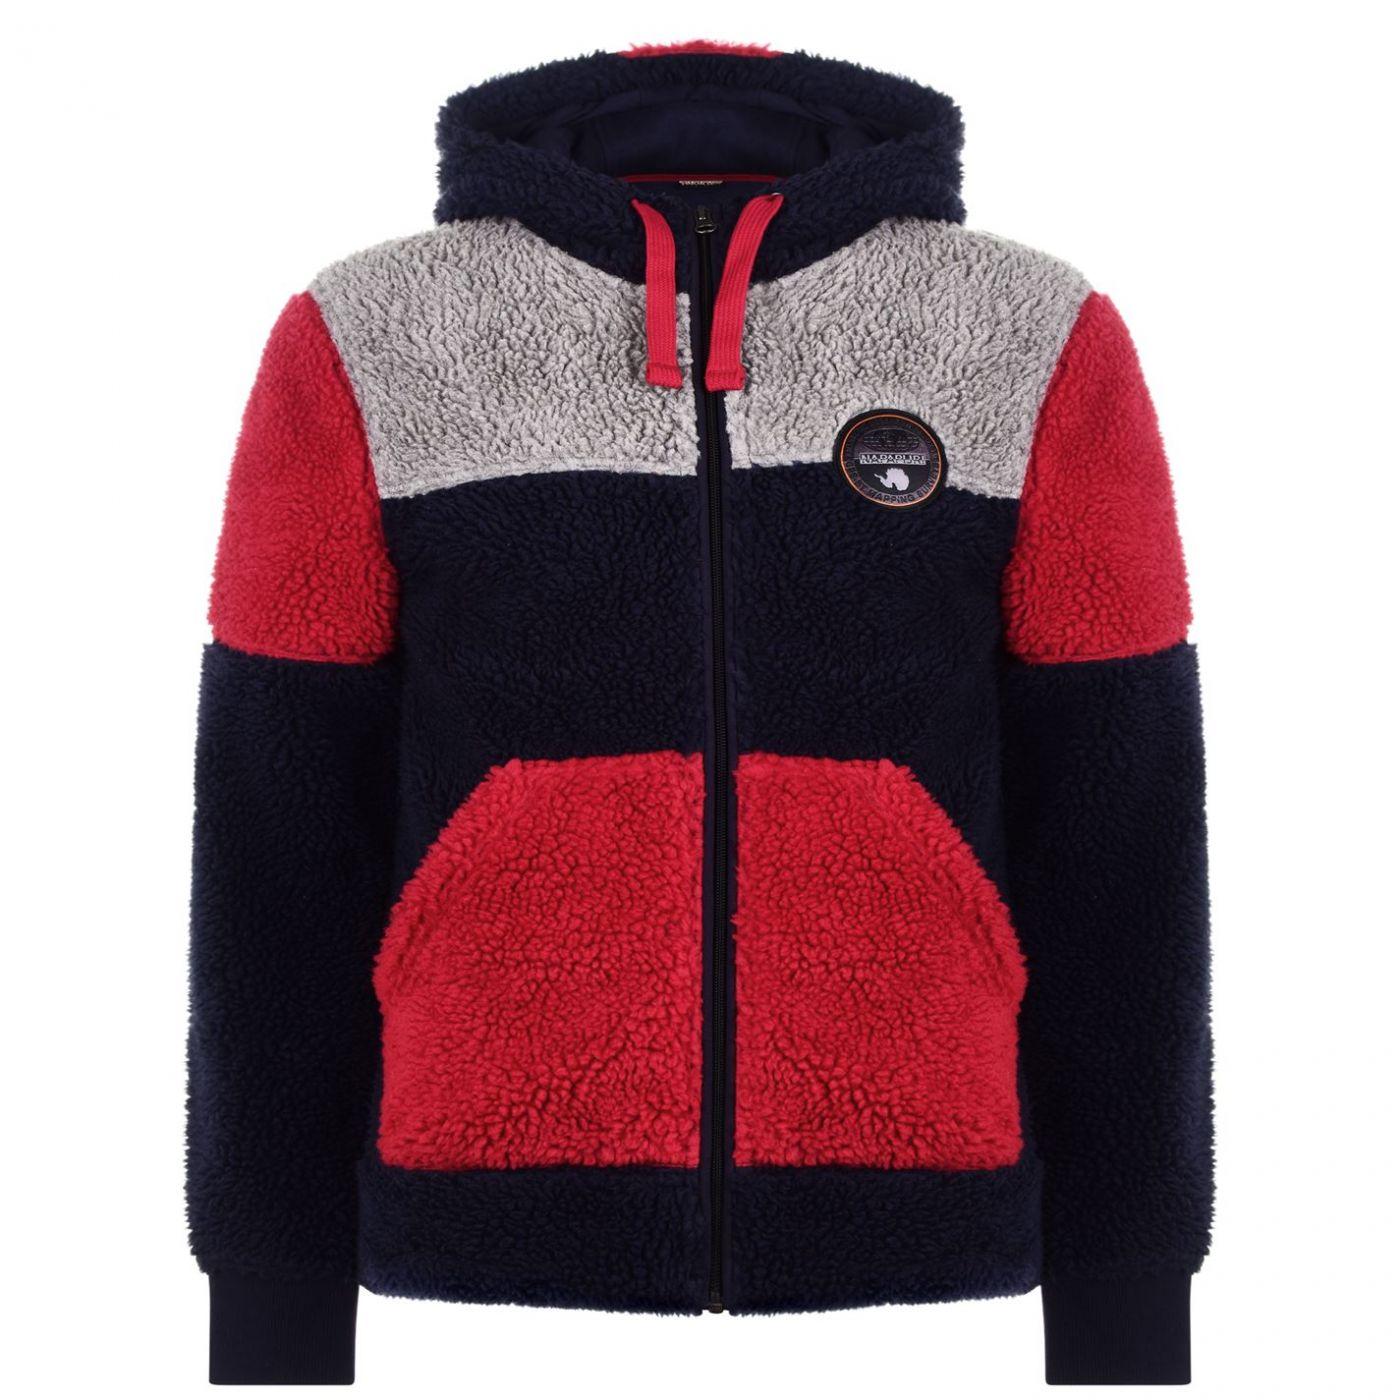 Napapijri Taralga6 Sweater